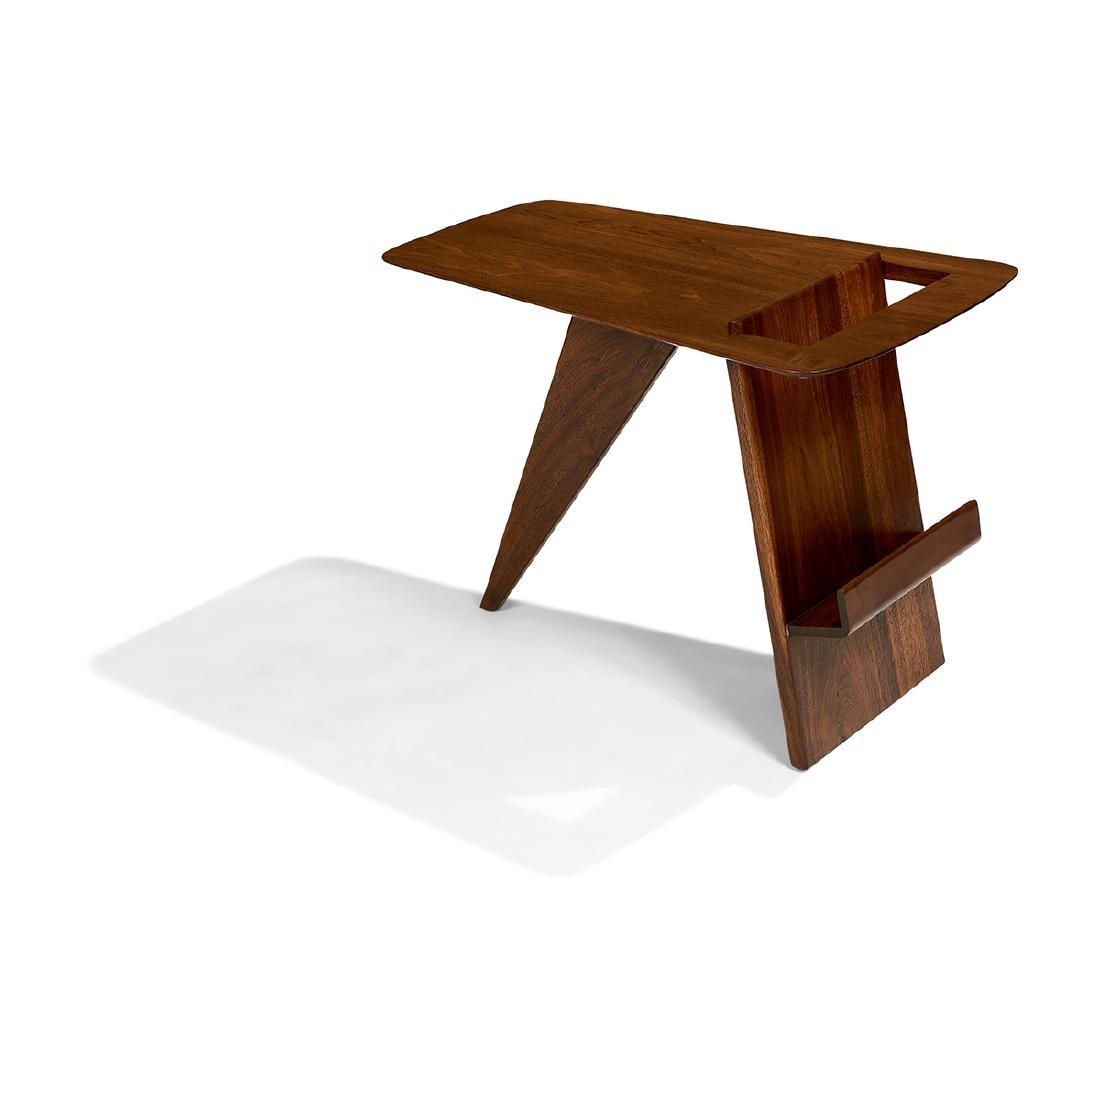 Jens Risom for Jens Risom Design magazine table